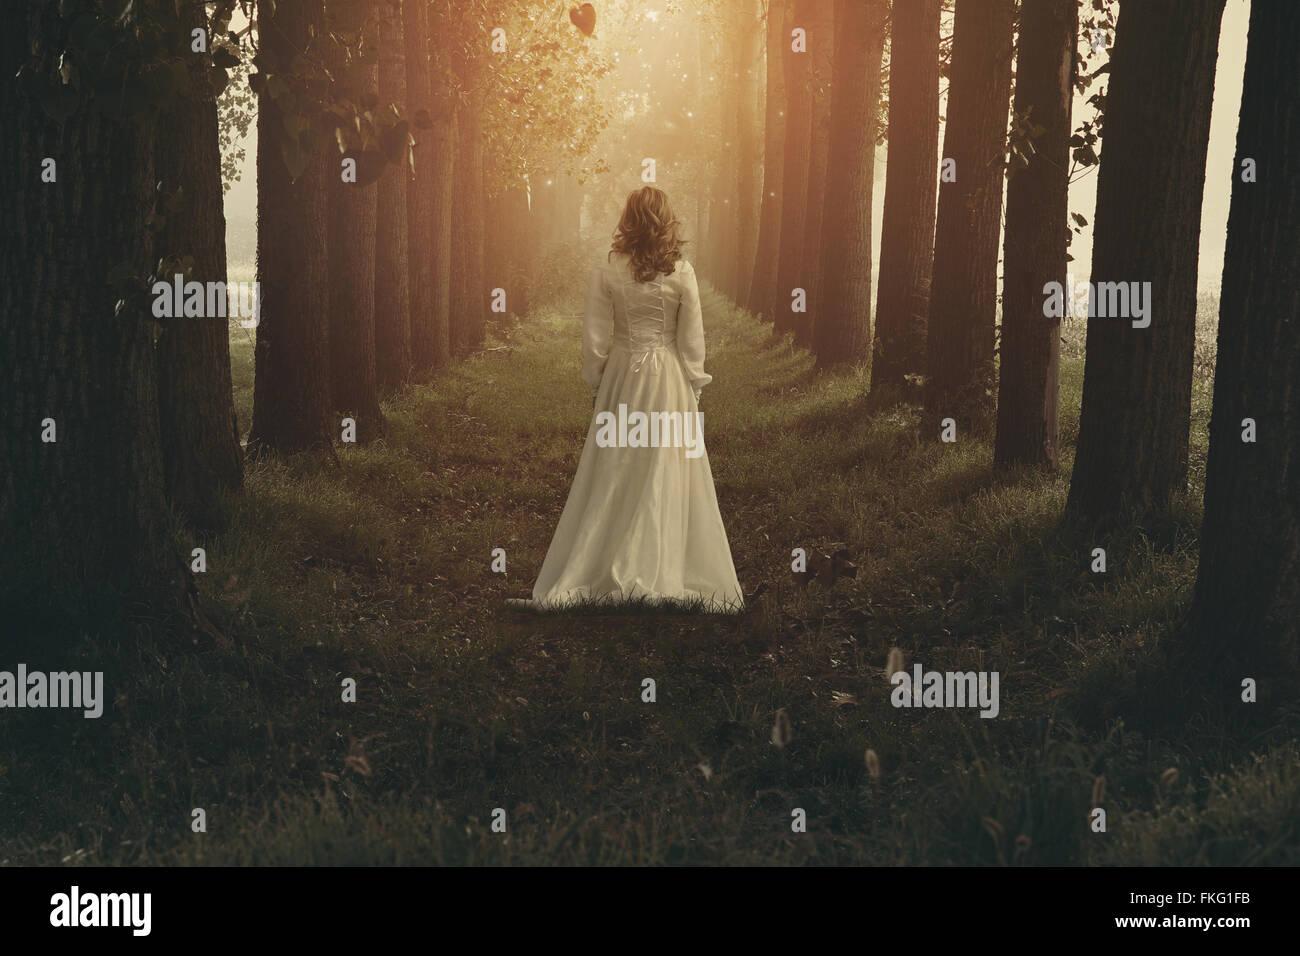 Frau mit viktorianischen Kleid in Märchen und verträumte Reich. Fantasie-manipulation Stockfoto